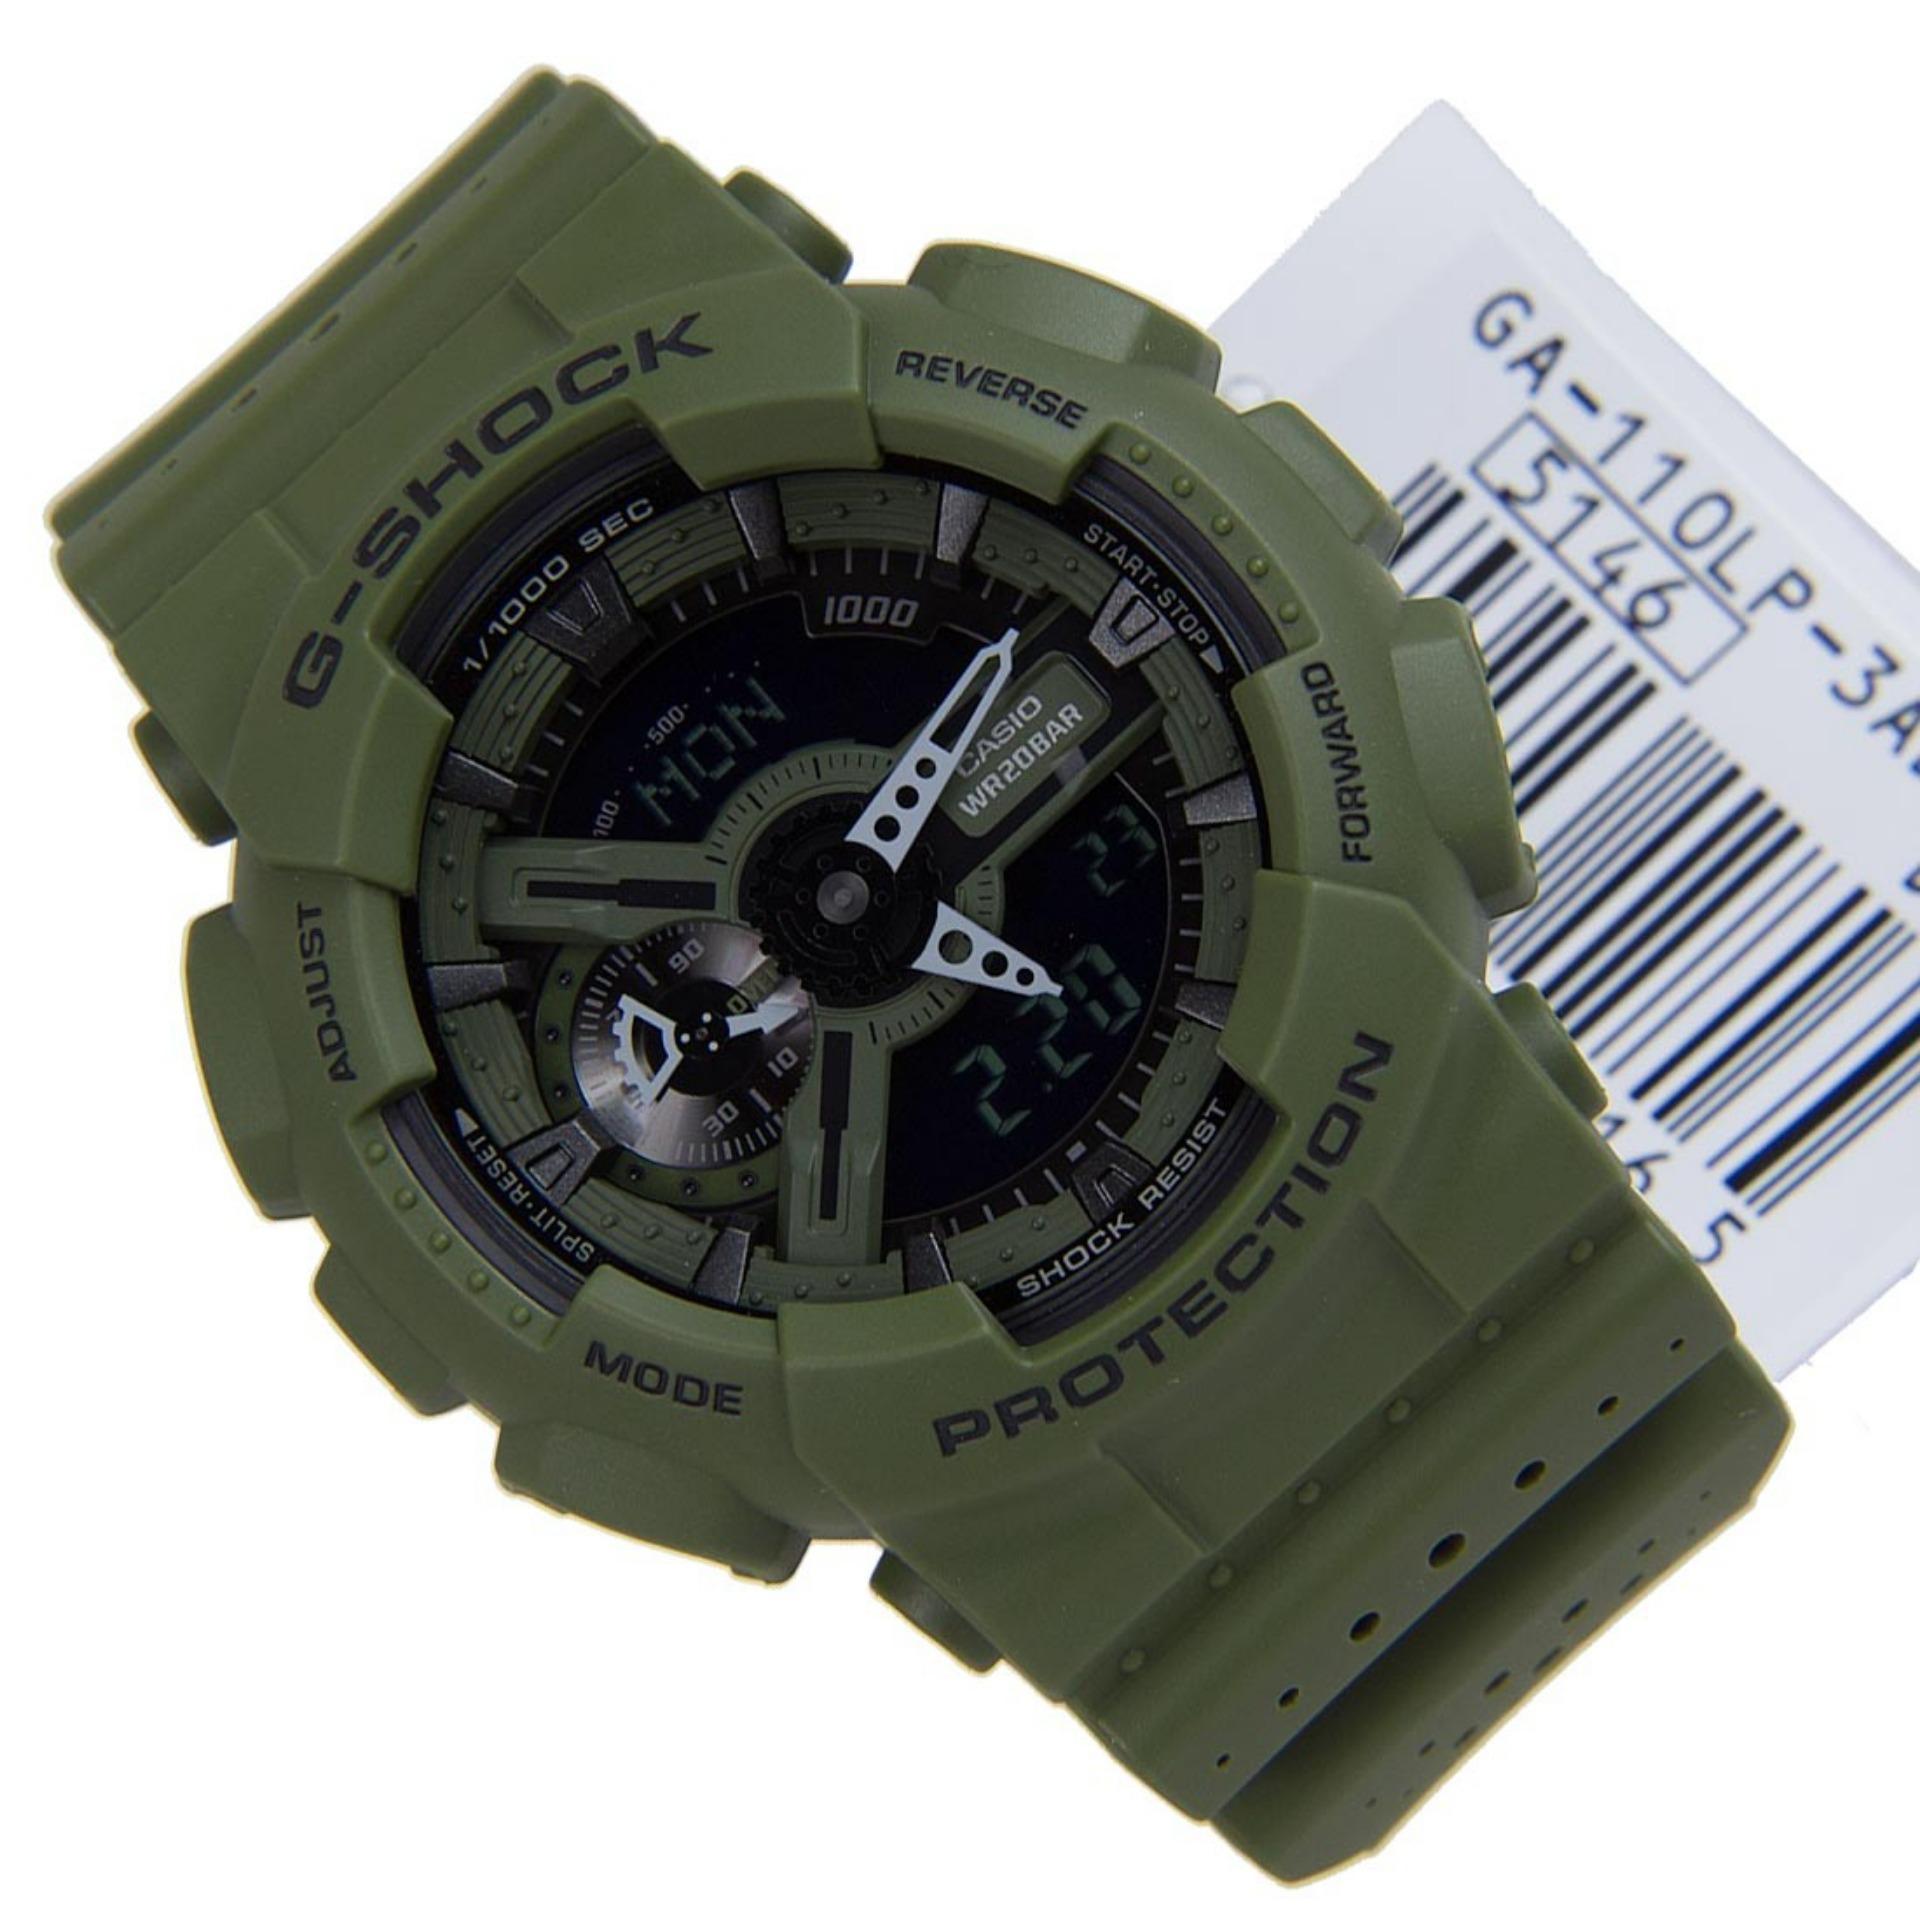 Jam Tangan Pria Elegan Fashion Skmei Casio G Shock 1135 Harga Chronoforce 5228mb Stainless Steel Hitam Putih Ga 110lp 3a